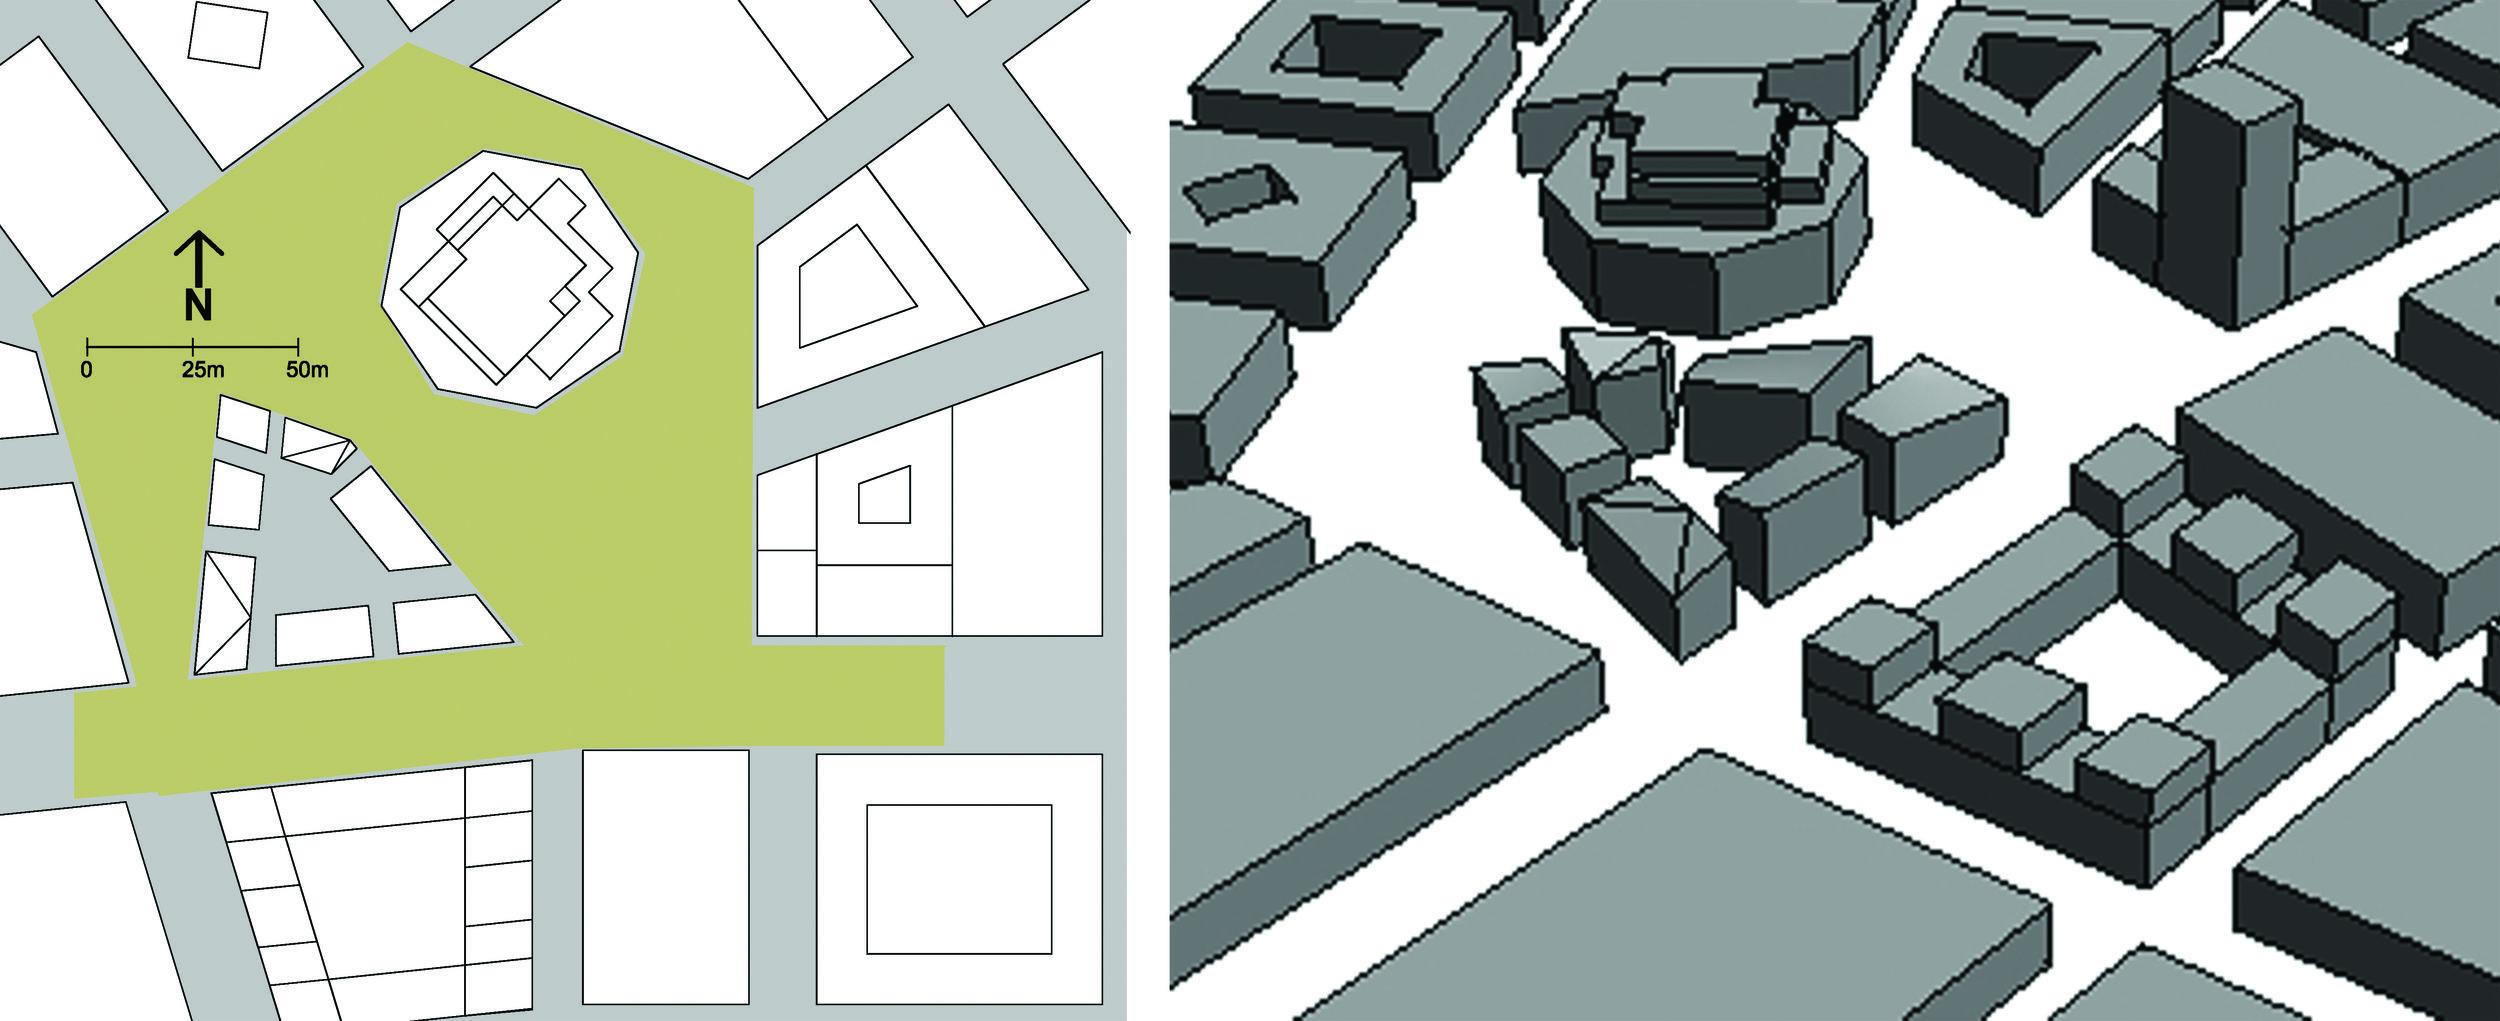 Situationsplan och 3D-illustration av designförslaget. Studiefallet är baserat på ett designförslag av White Arkitekter.